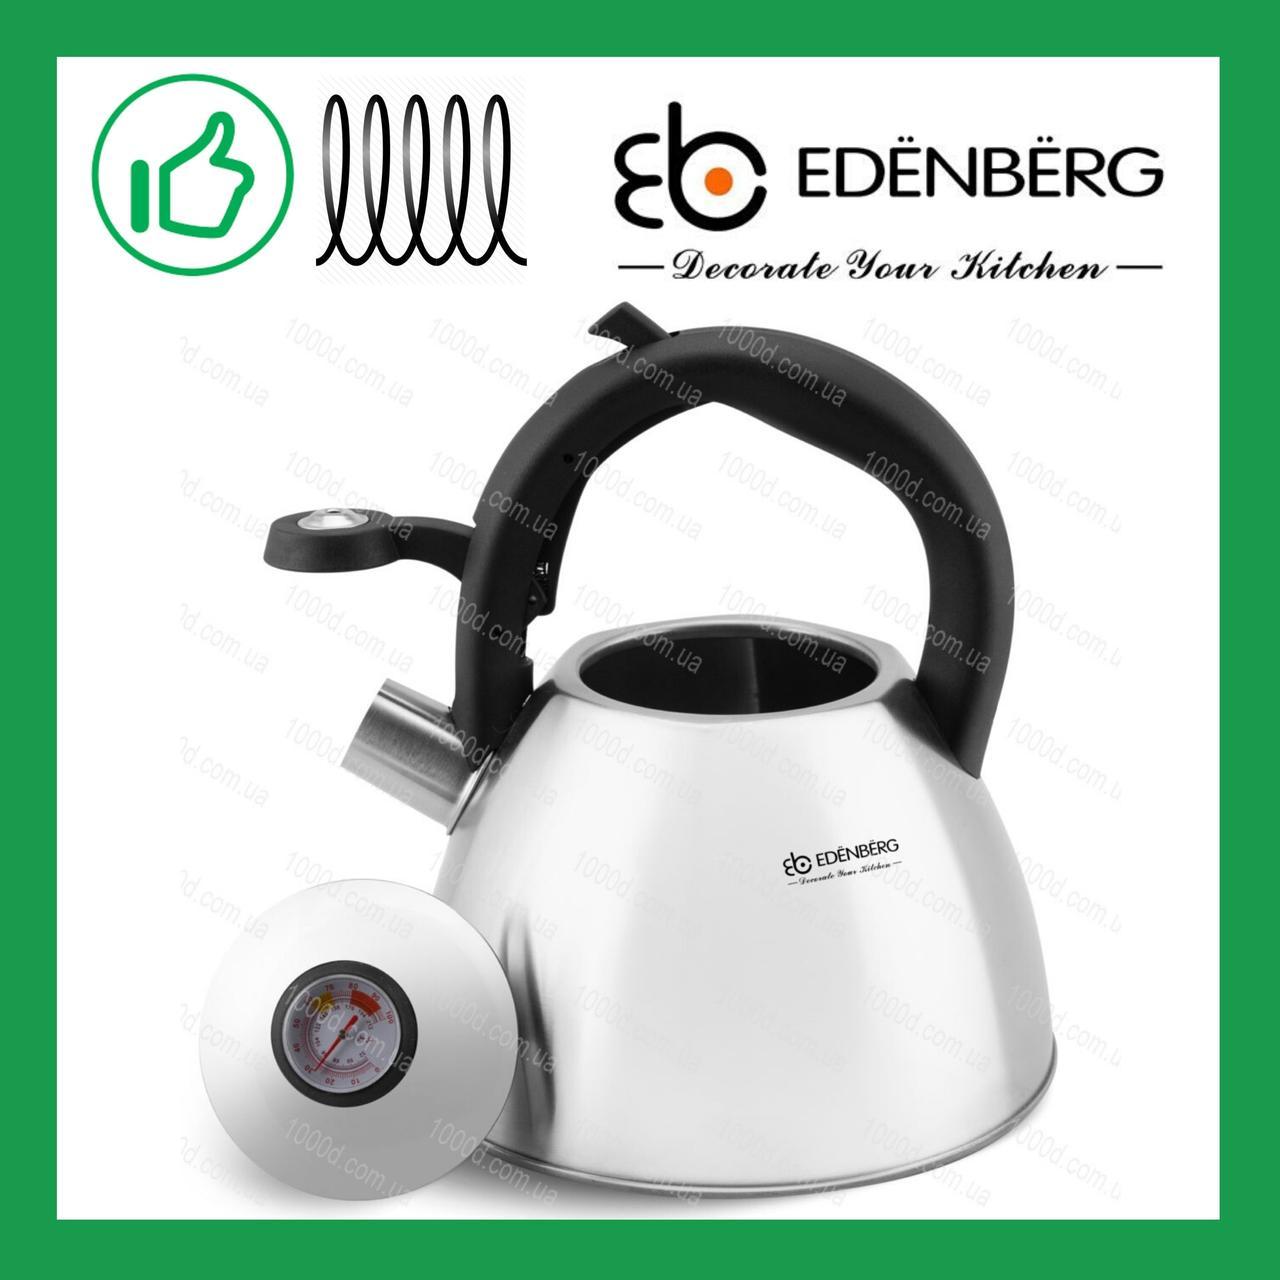 Чайник Edenberg из нержавеющей стали со свистком 2 л (EB-8819)